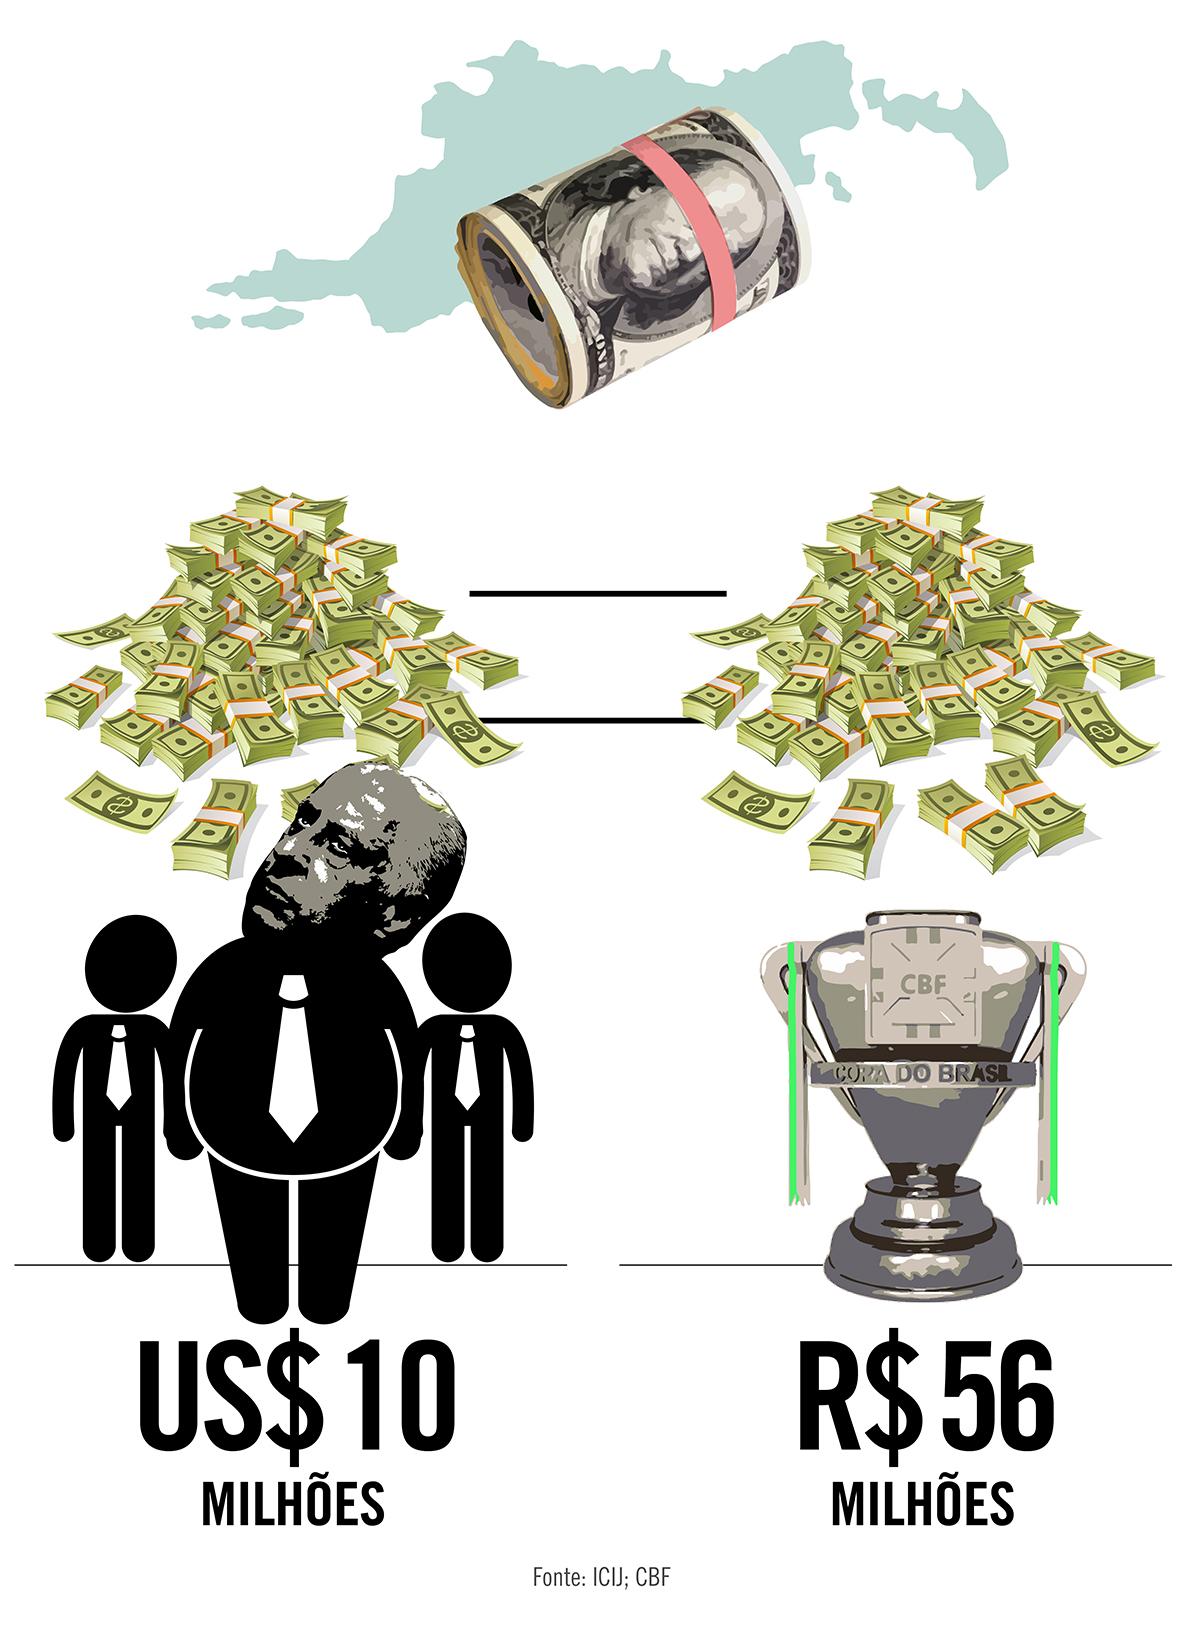 Dinheiro de offshore dos Del Nero vale uma Copa do Brasil